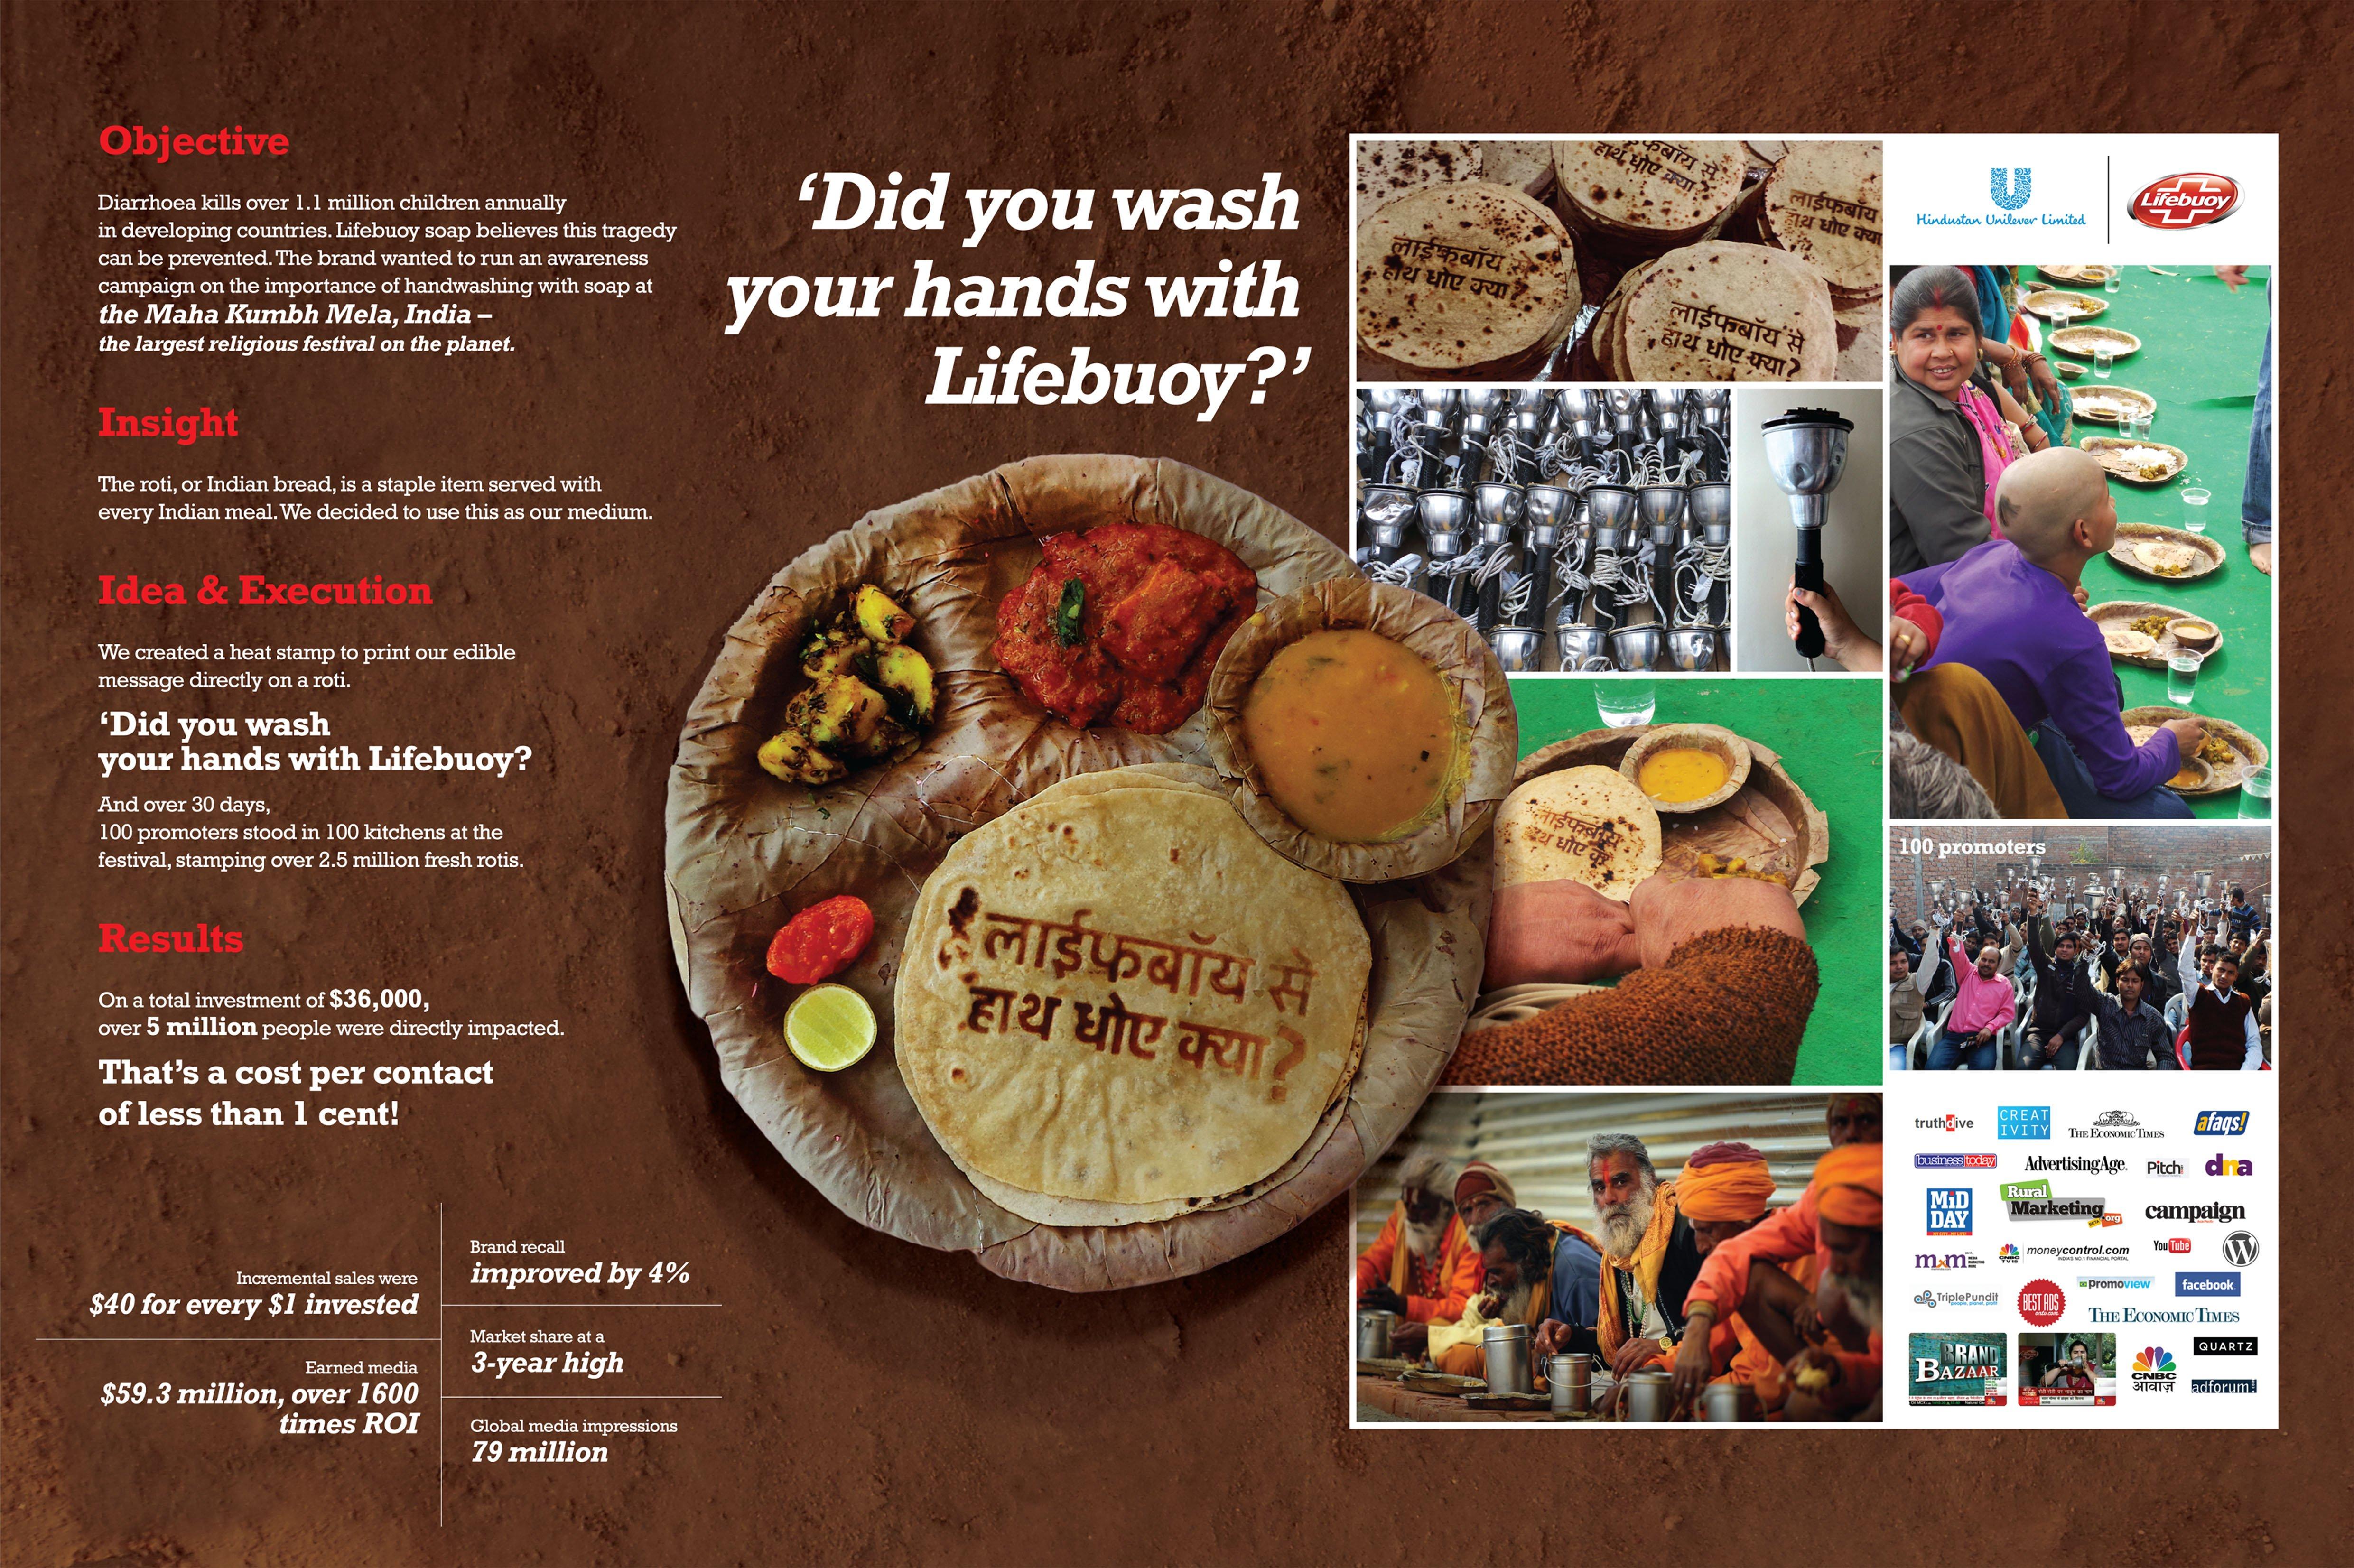 LIfebuoy Wash HandsRoti Reminder